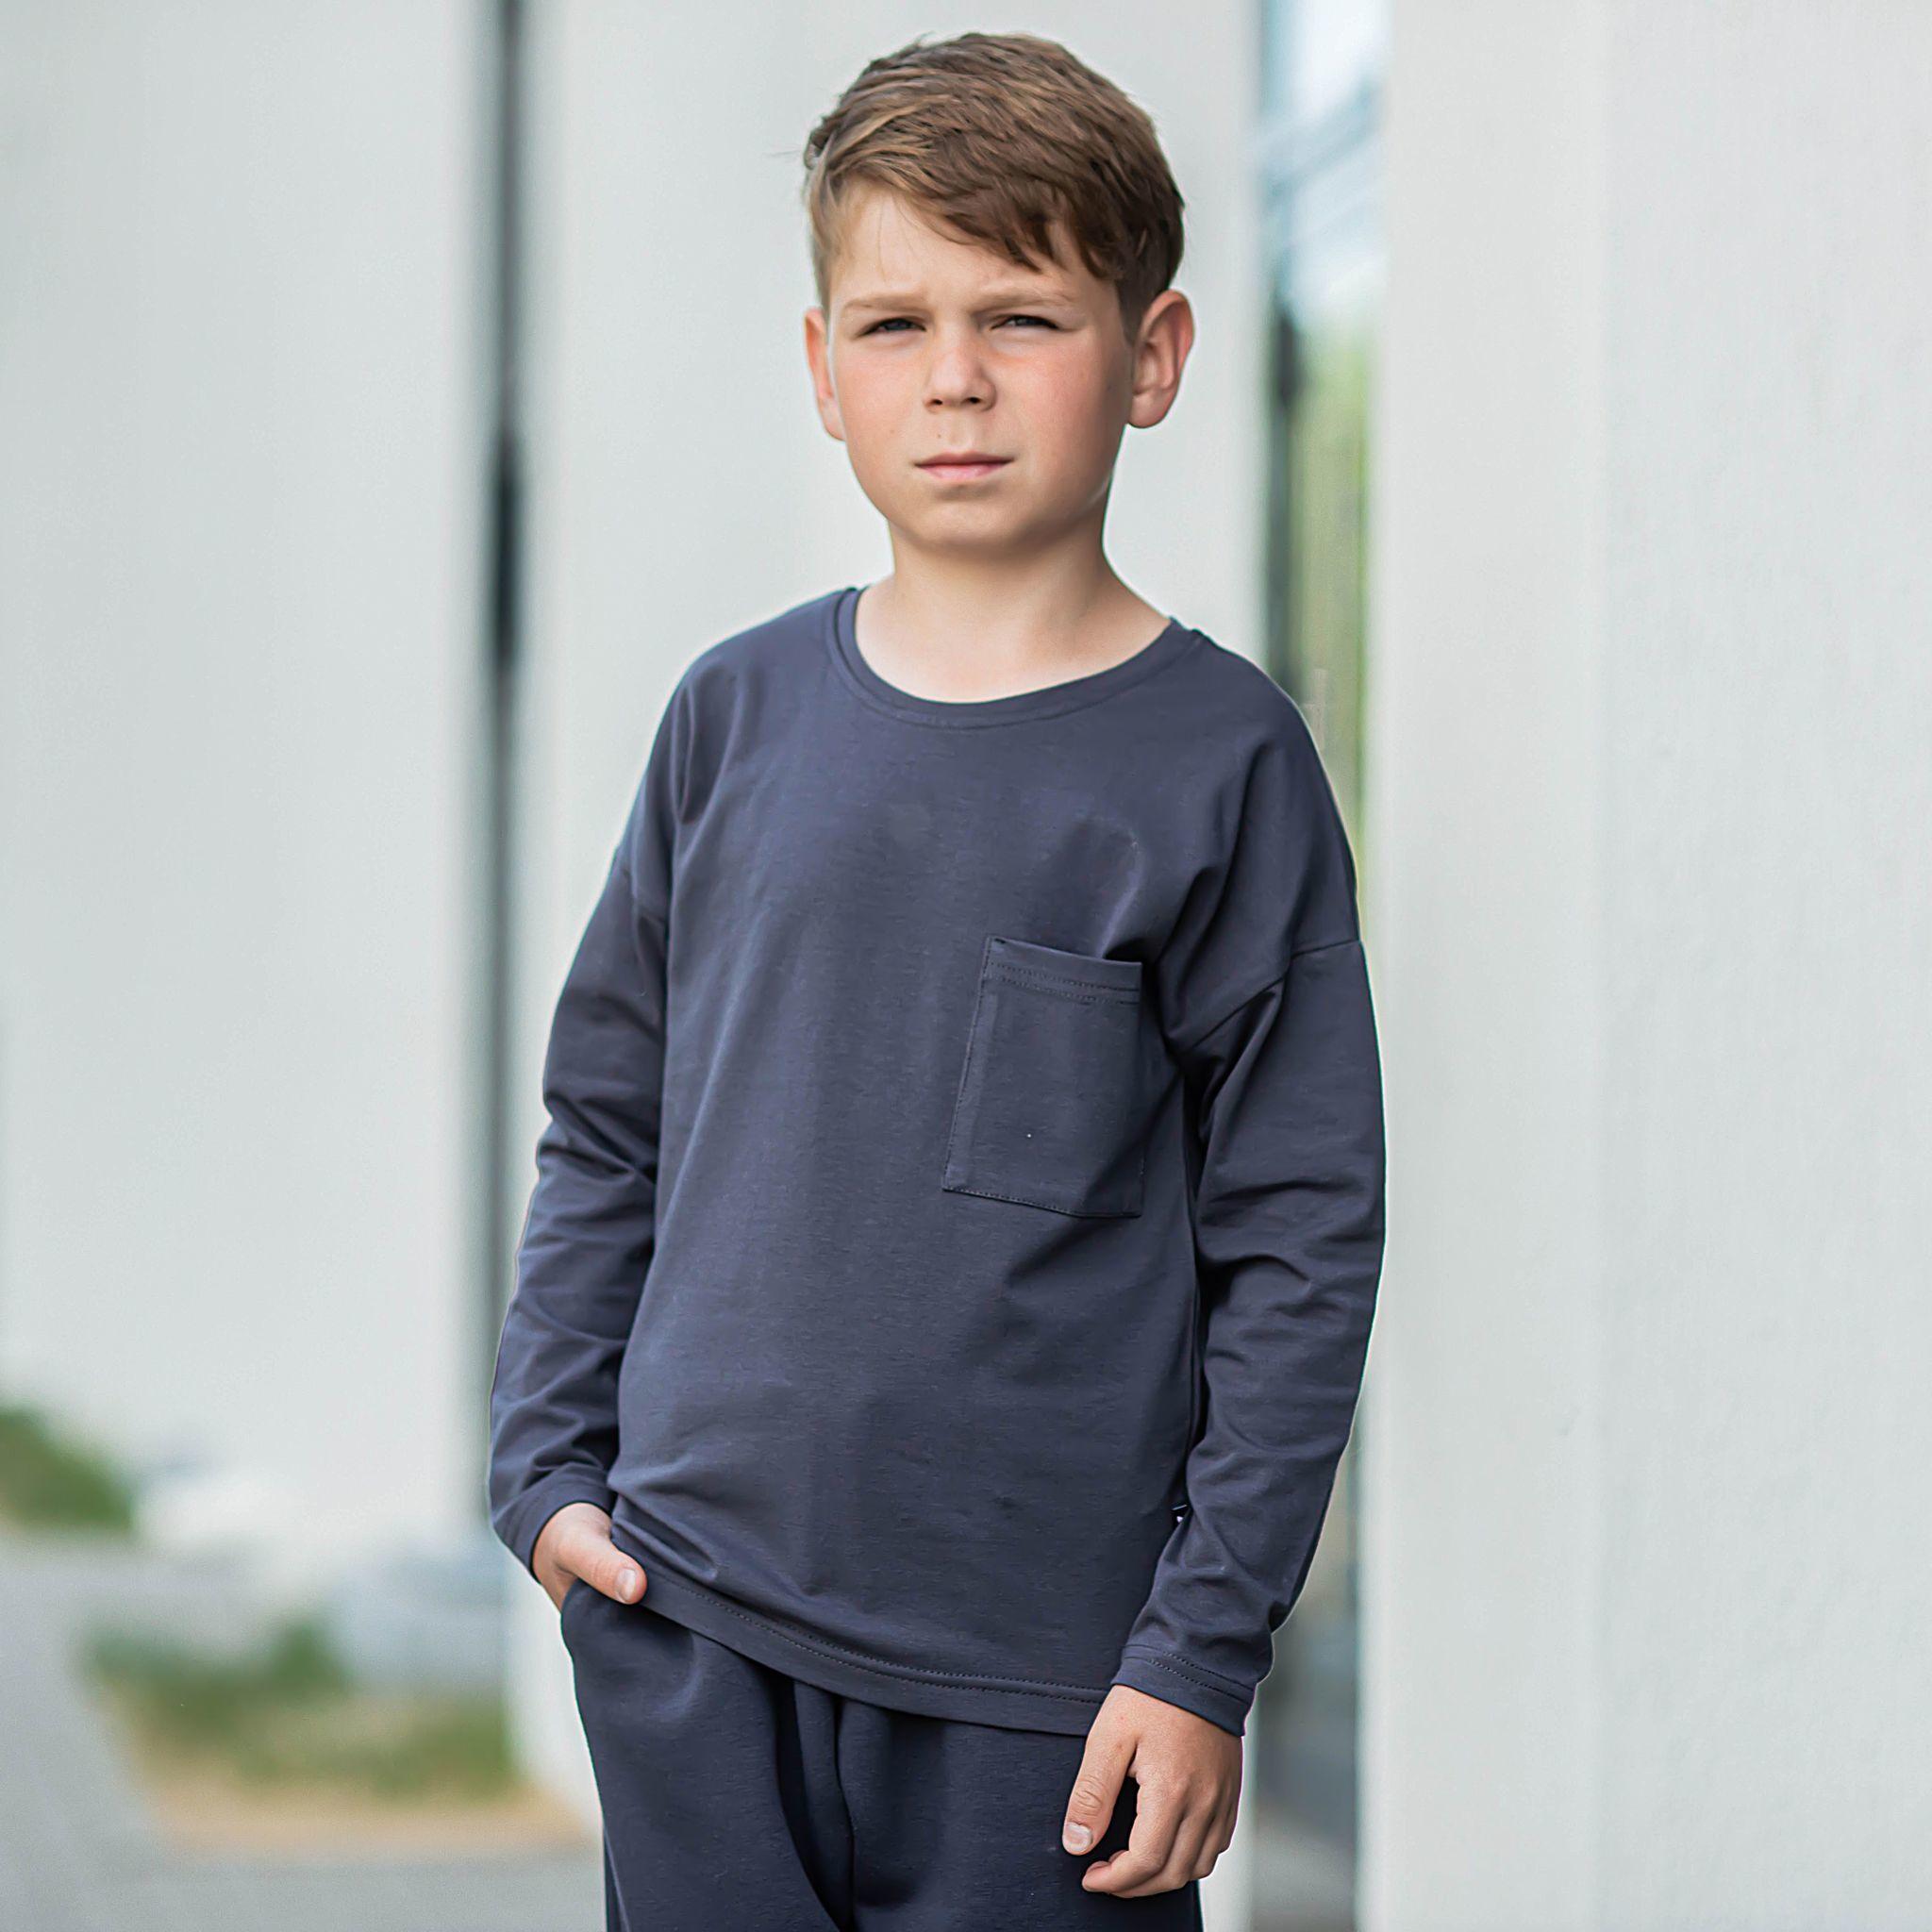 Basic long-sleeved T-shirt for teens - Graphite